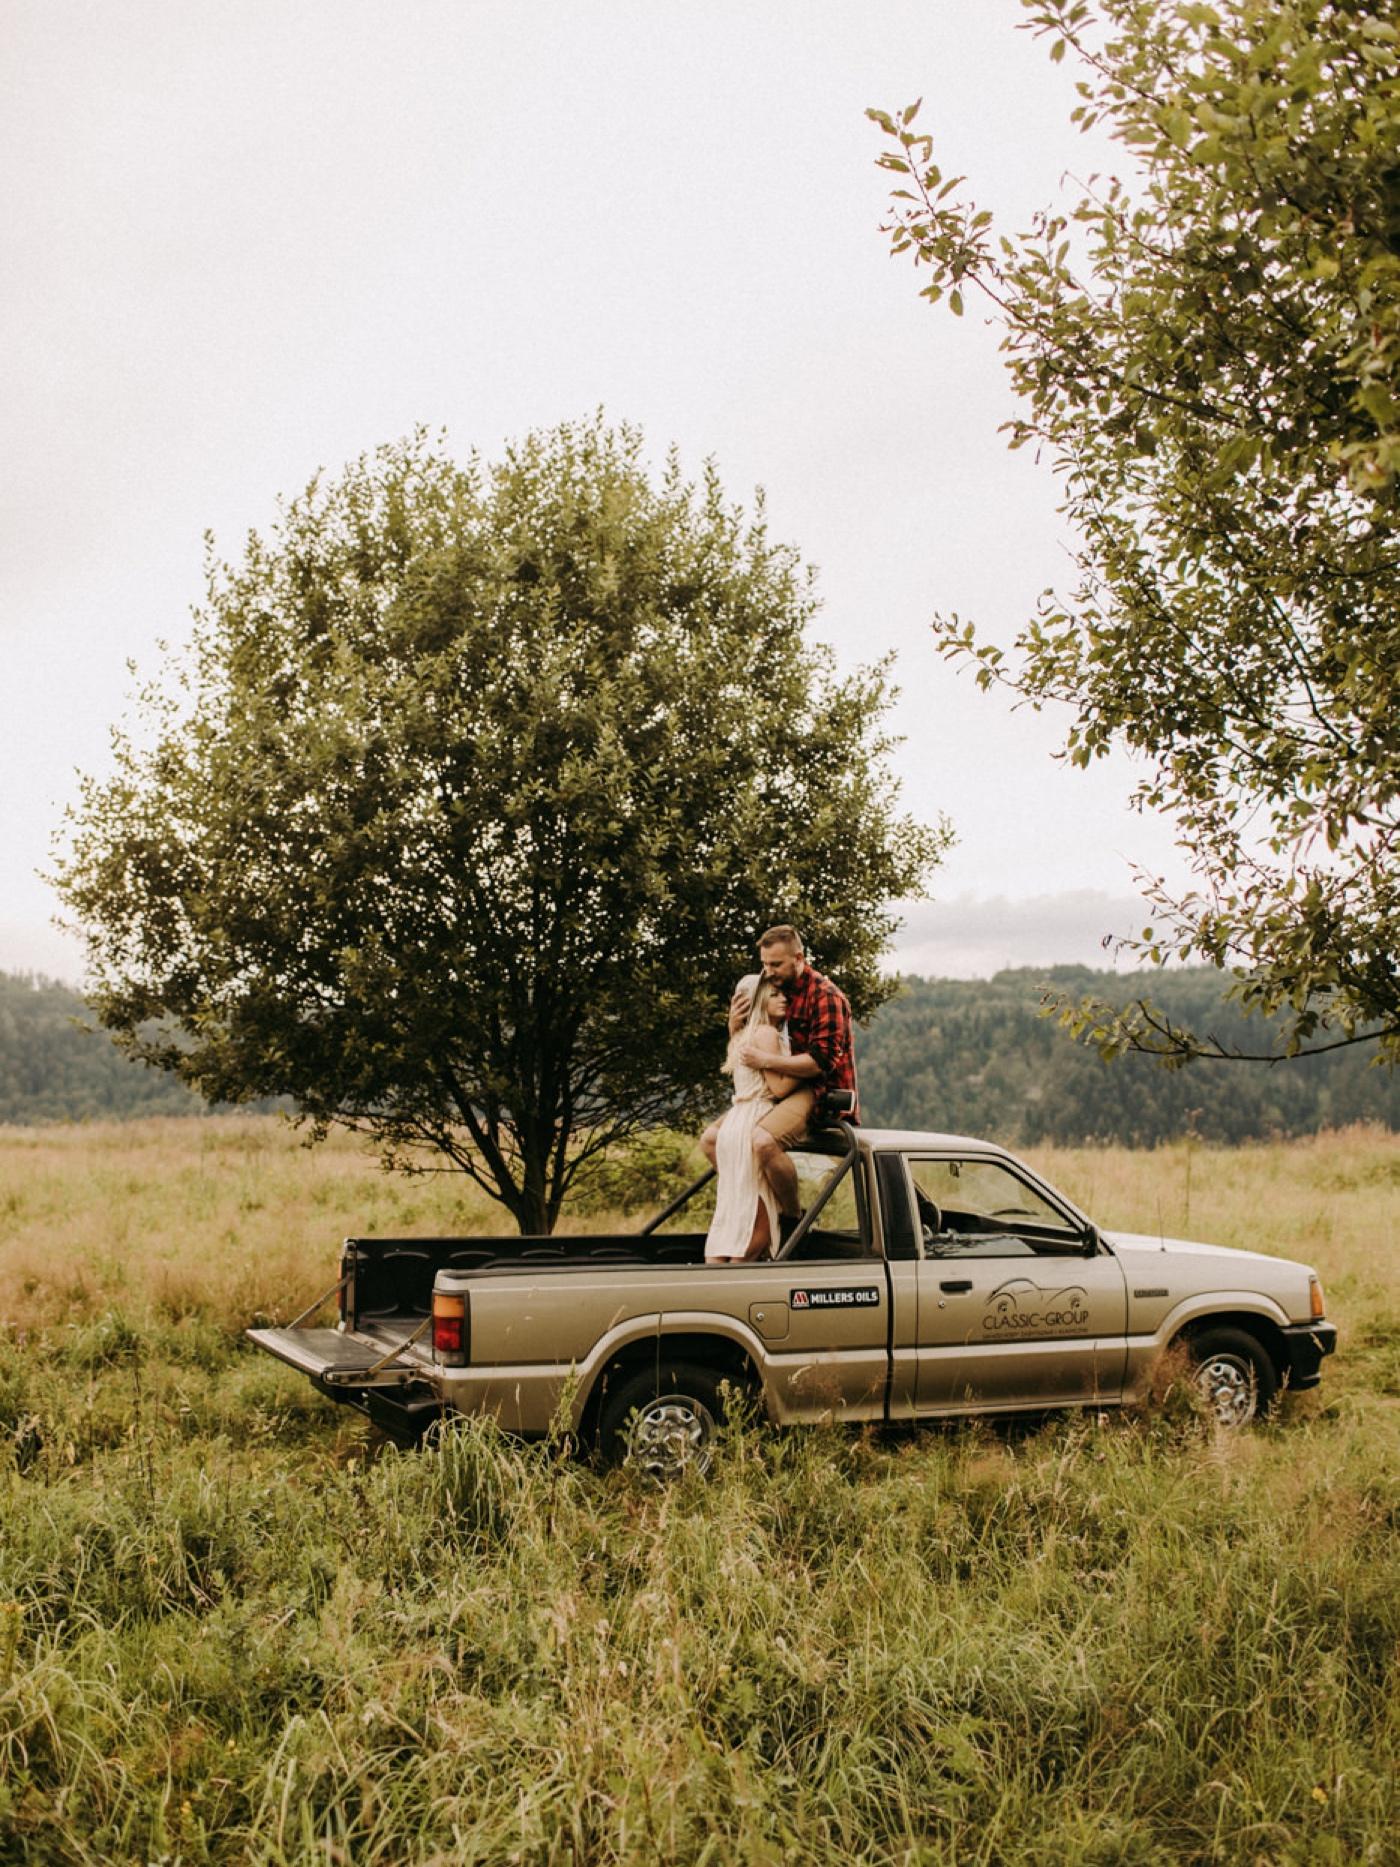 fotografia śłubna fotograf śłubny kraków safari sesja narzeczeńska w polsce pytlik bąk stary pickup